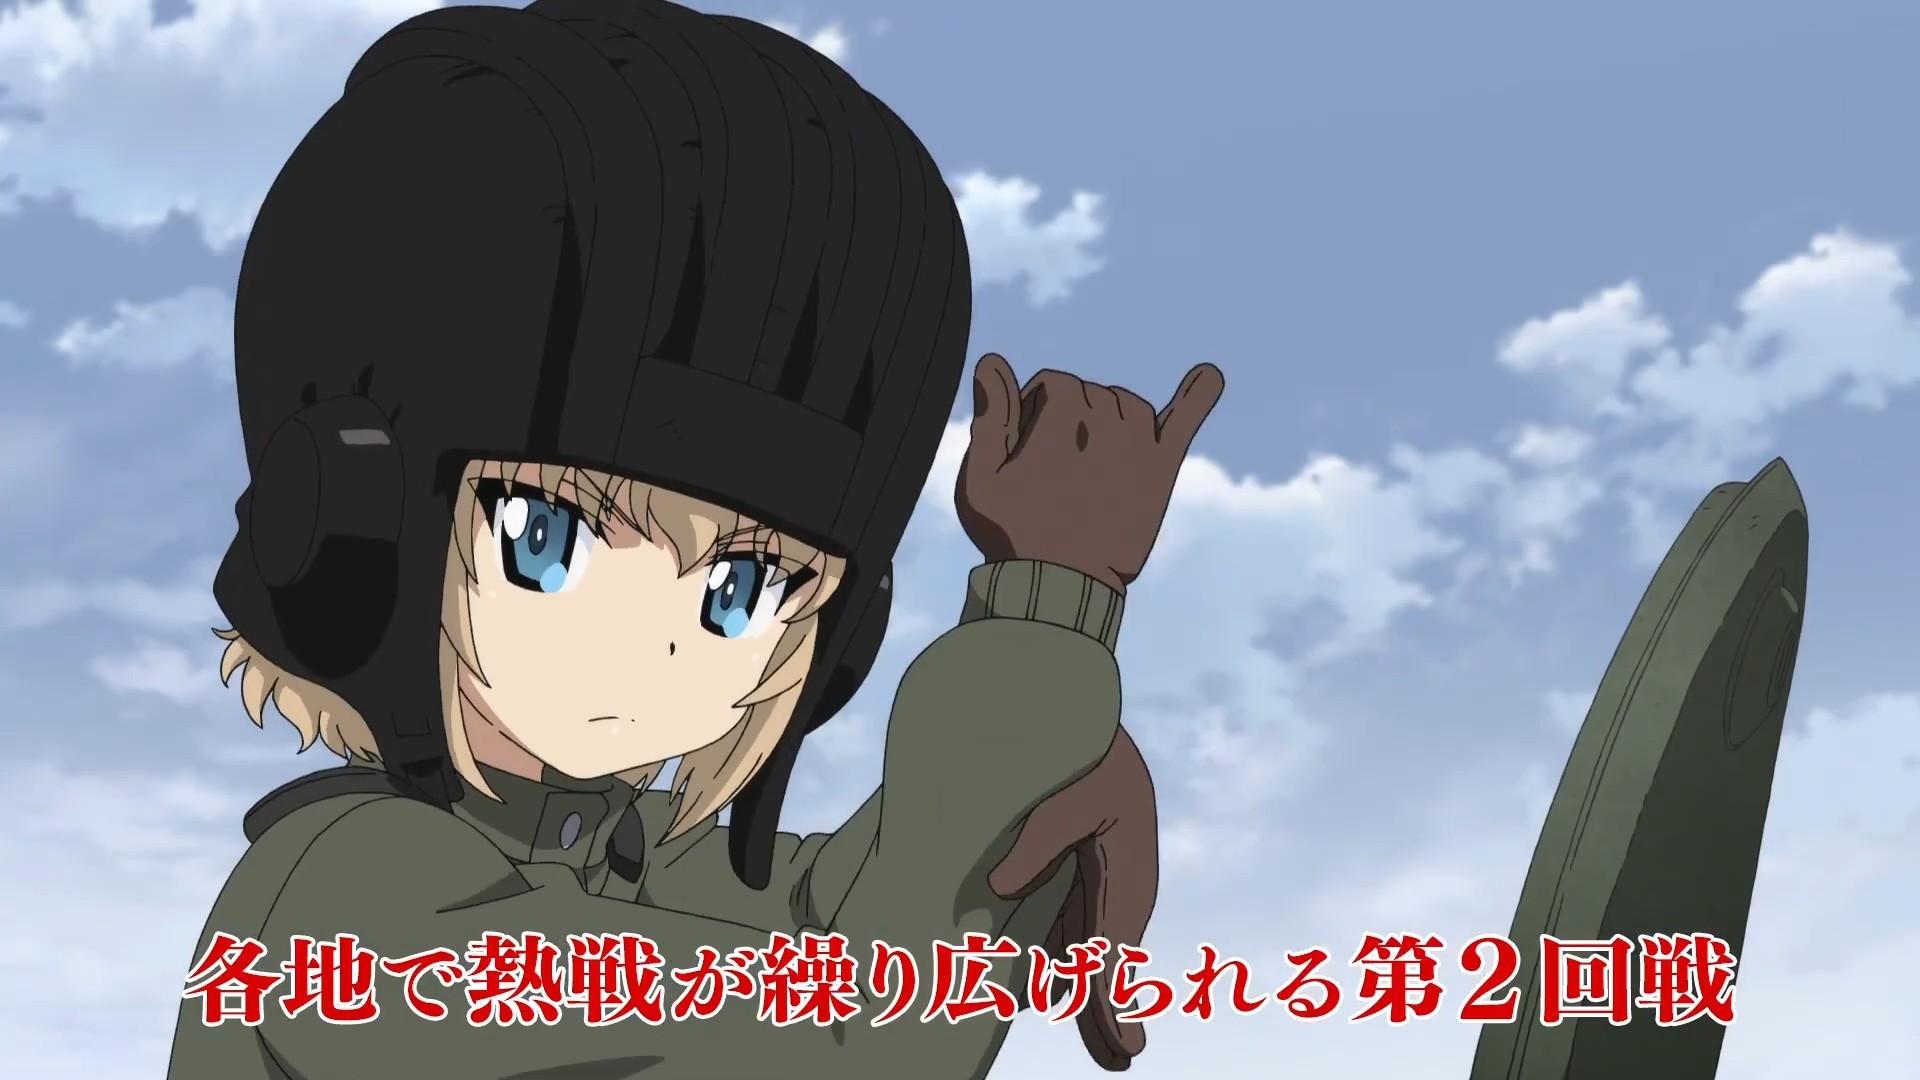 【动漫情报】剧场版《少女与战车 最终章 第3话》正式预告公开,2021年3月26日上映